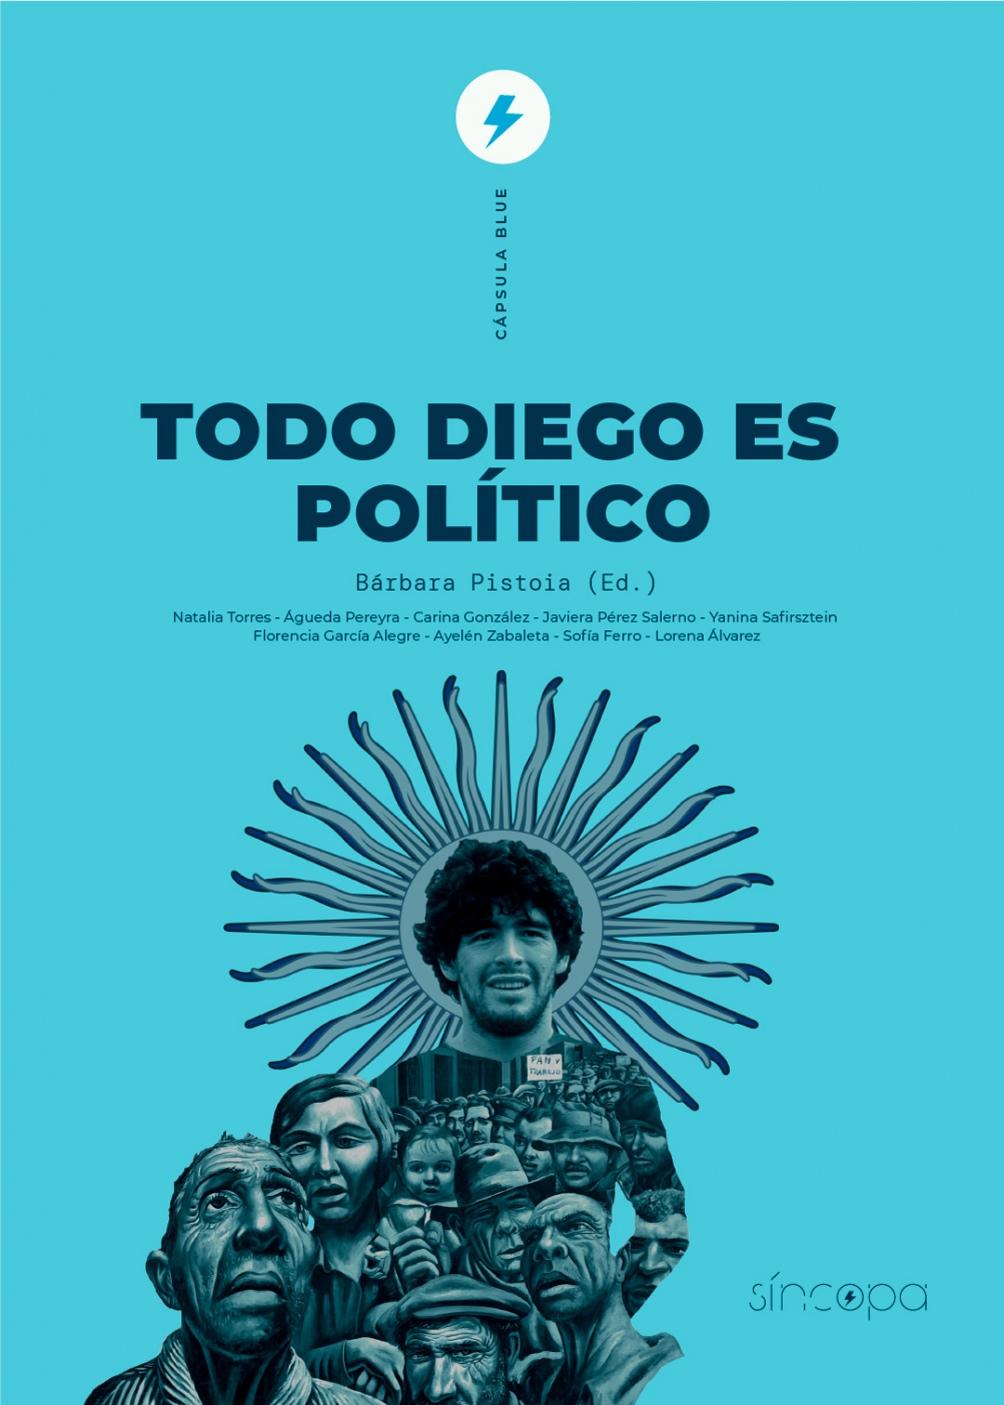 El libro apareció unas semanas antes de la muerte de Maradona.